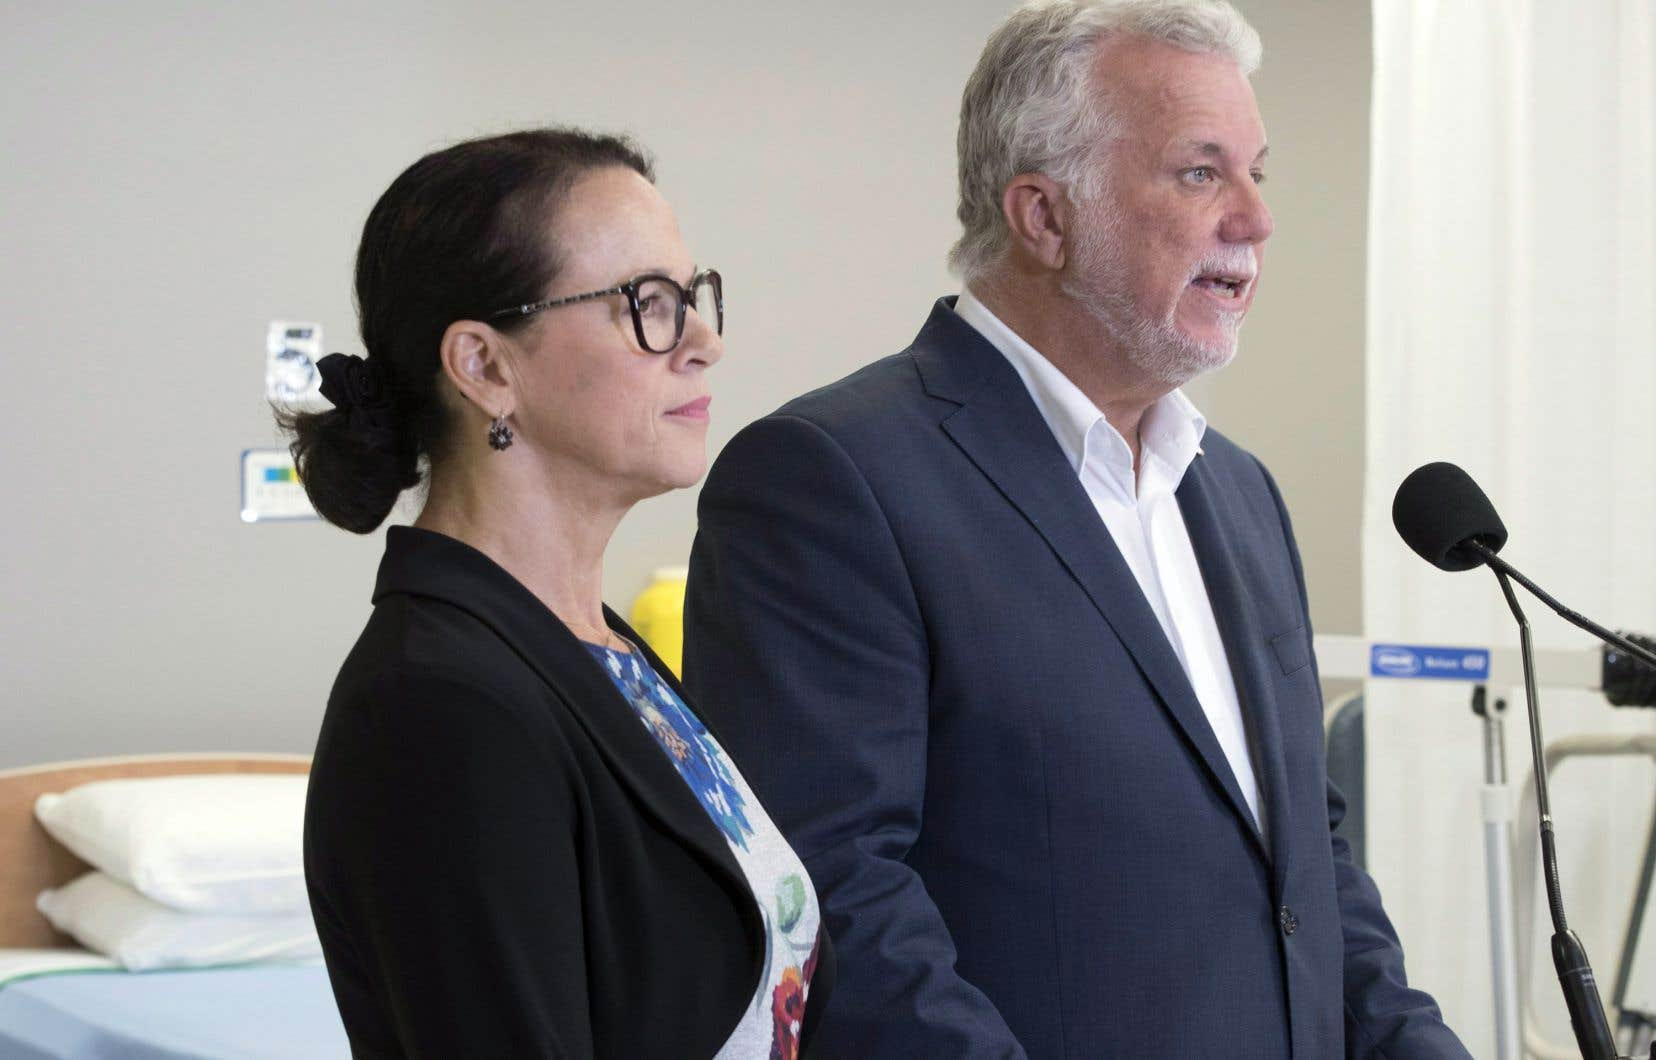 Philippe Couillard a dit s'être entendu avec sa candidate vedette pour assurer un financement «prévisible» et «stable» du réseau de la santé.